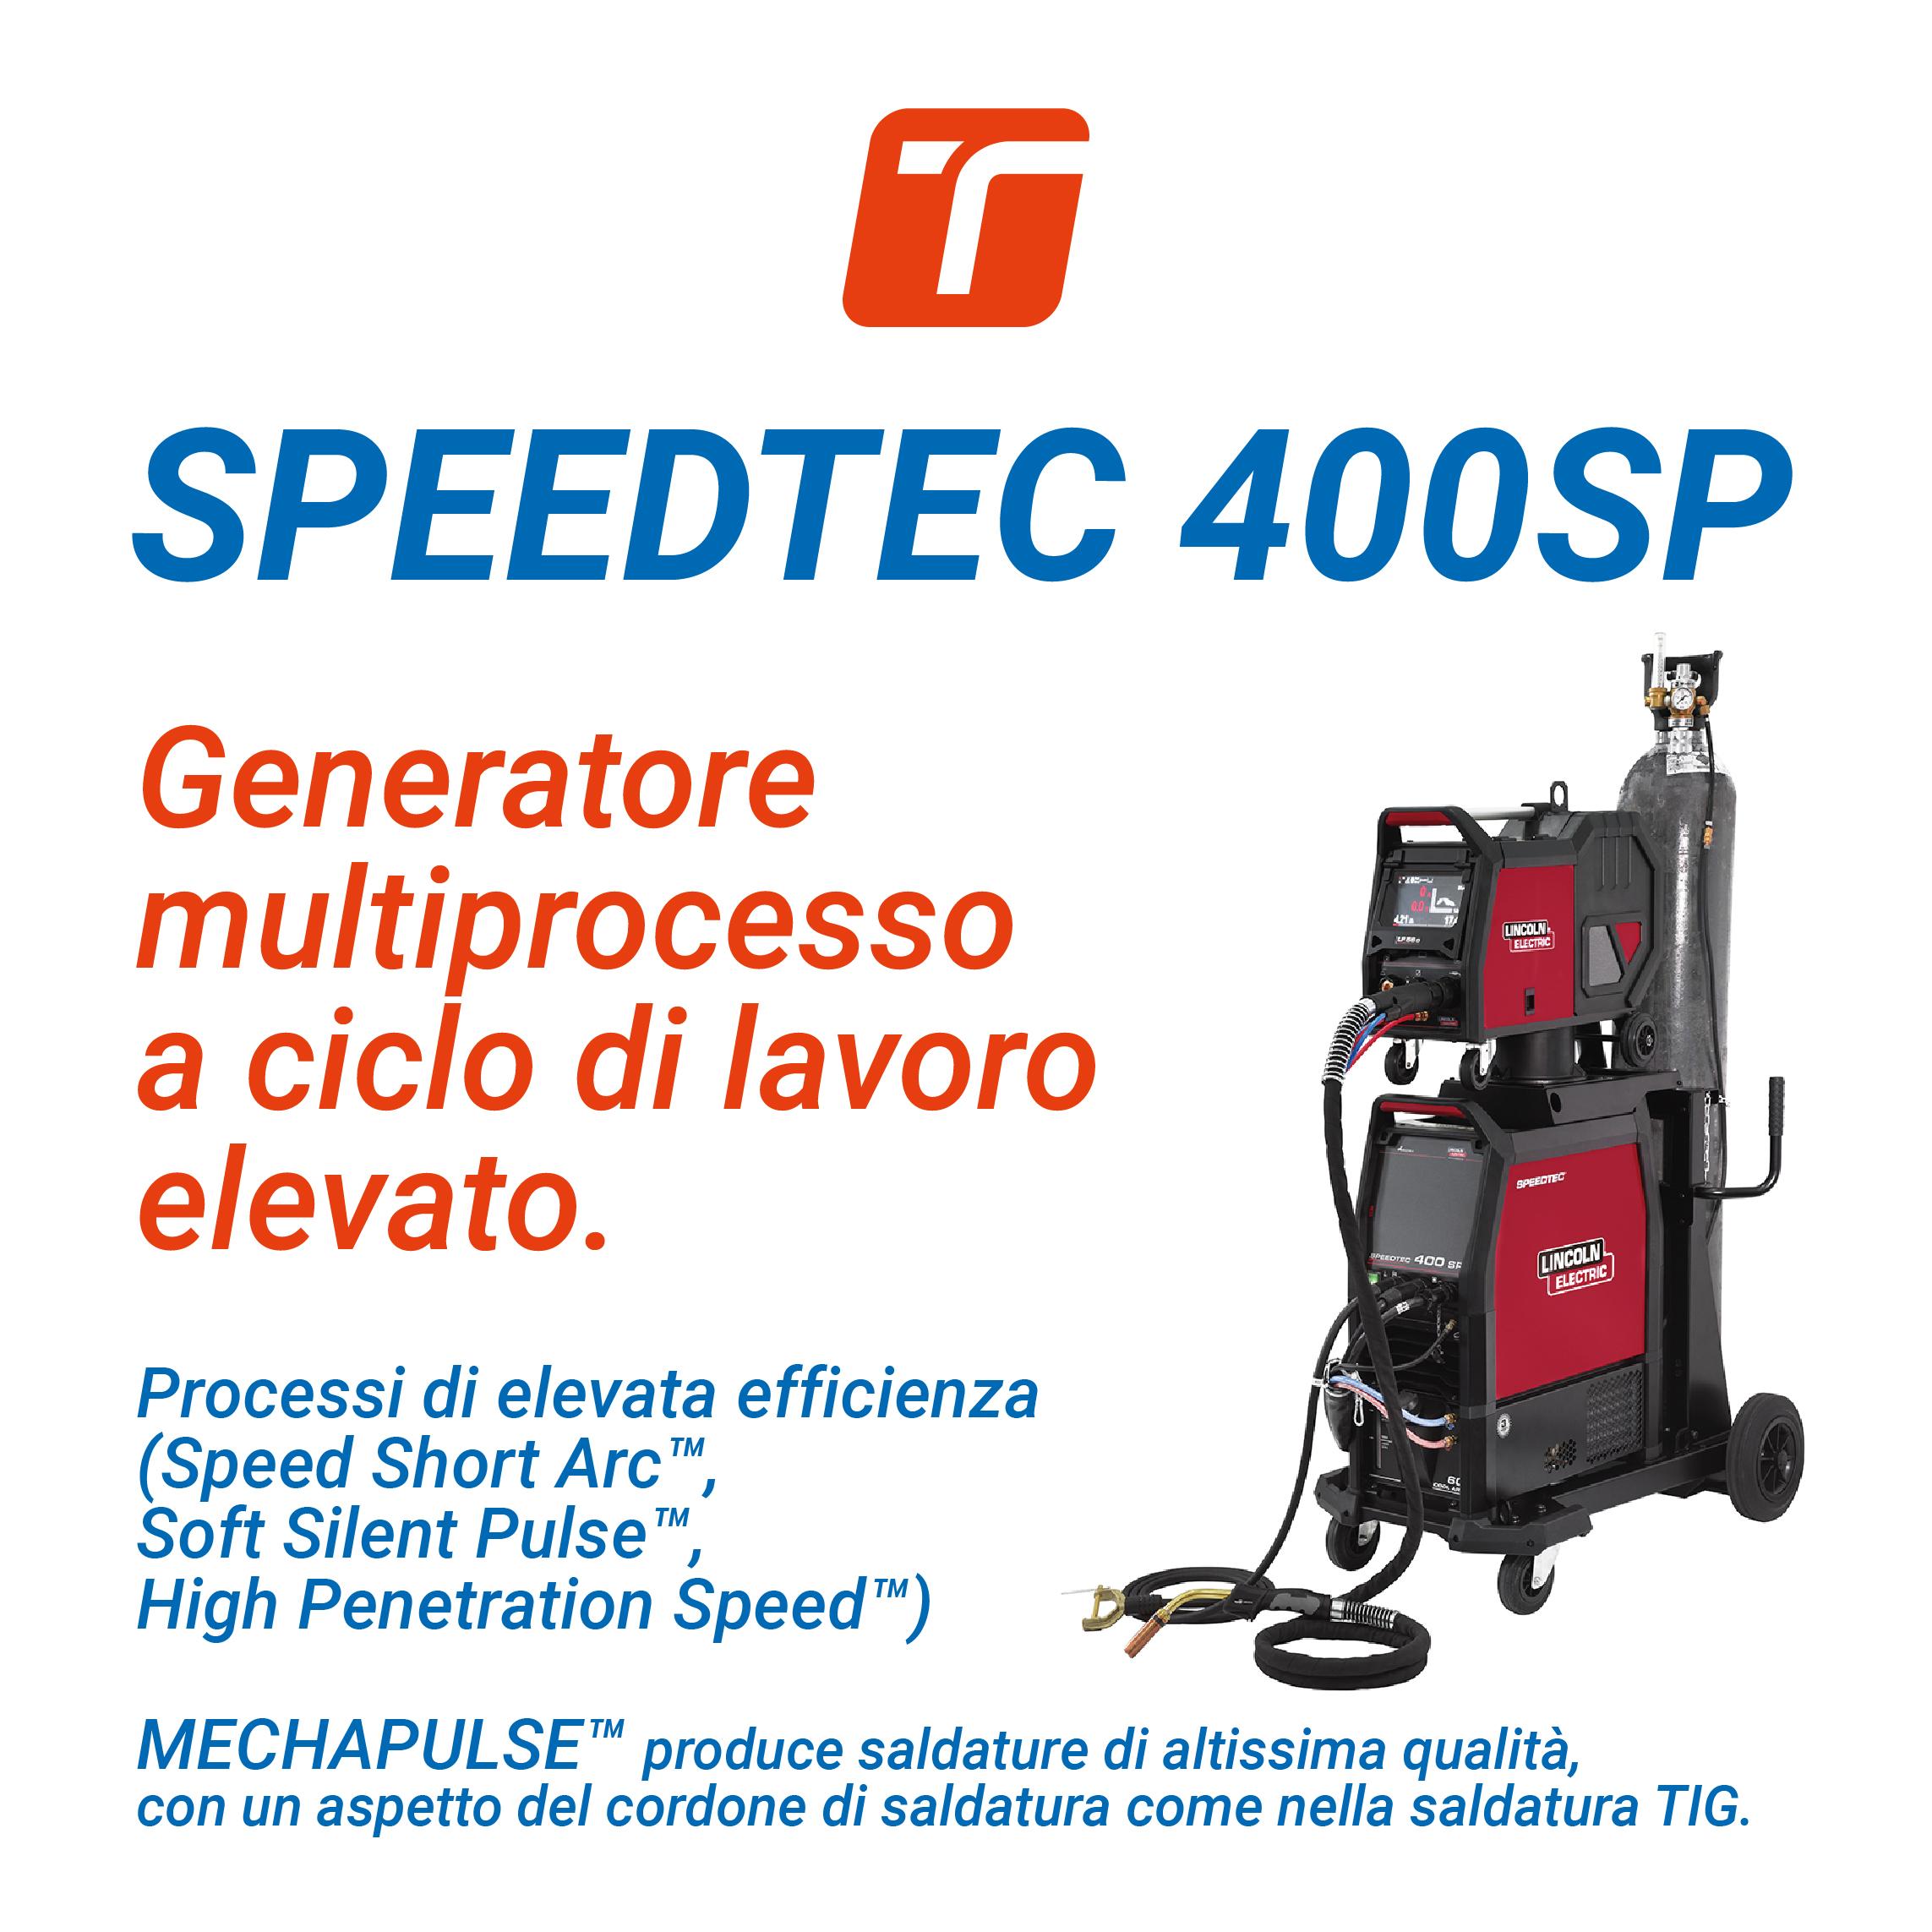 SPEEDTEC 400SP